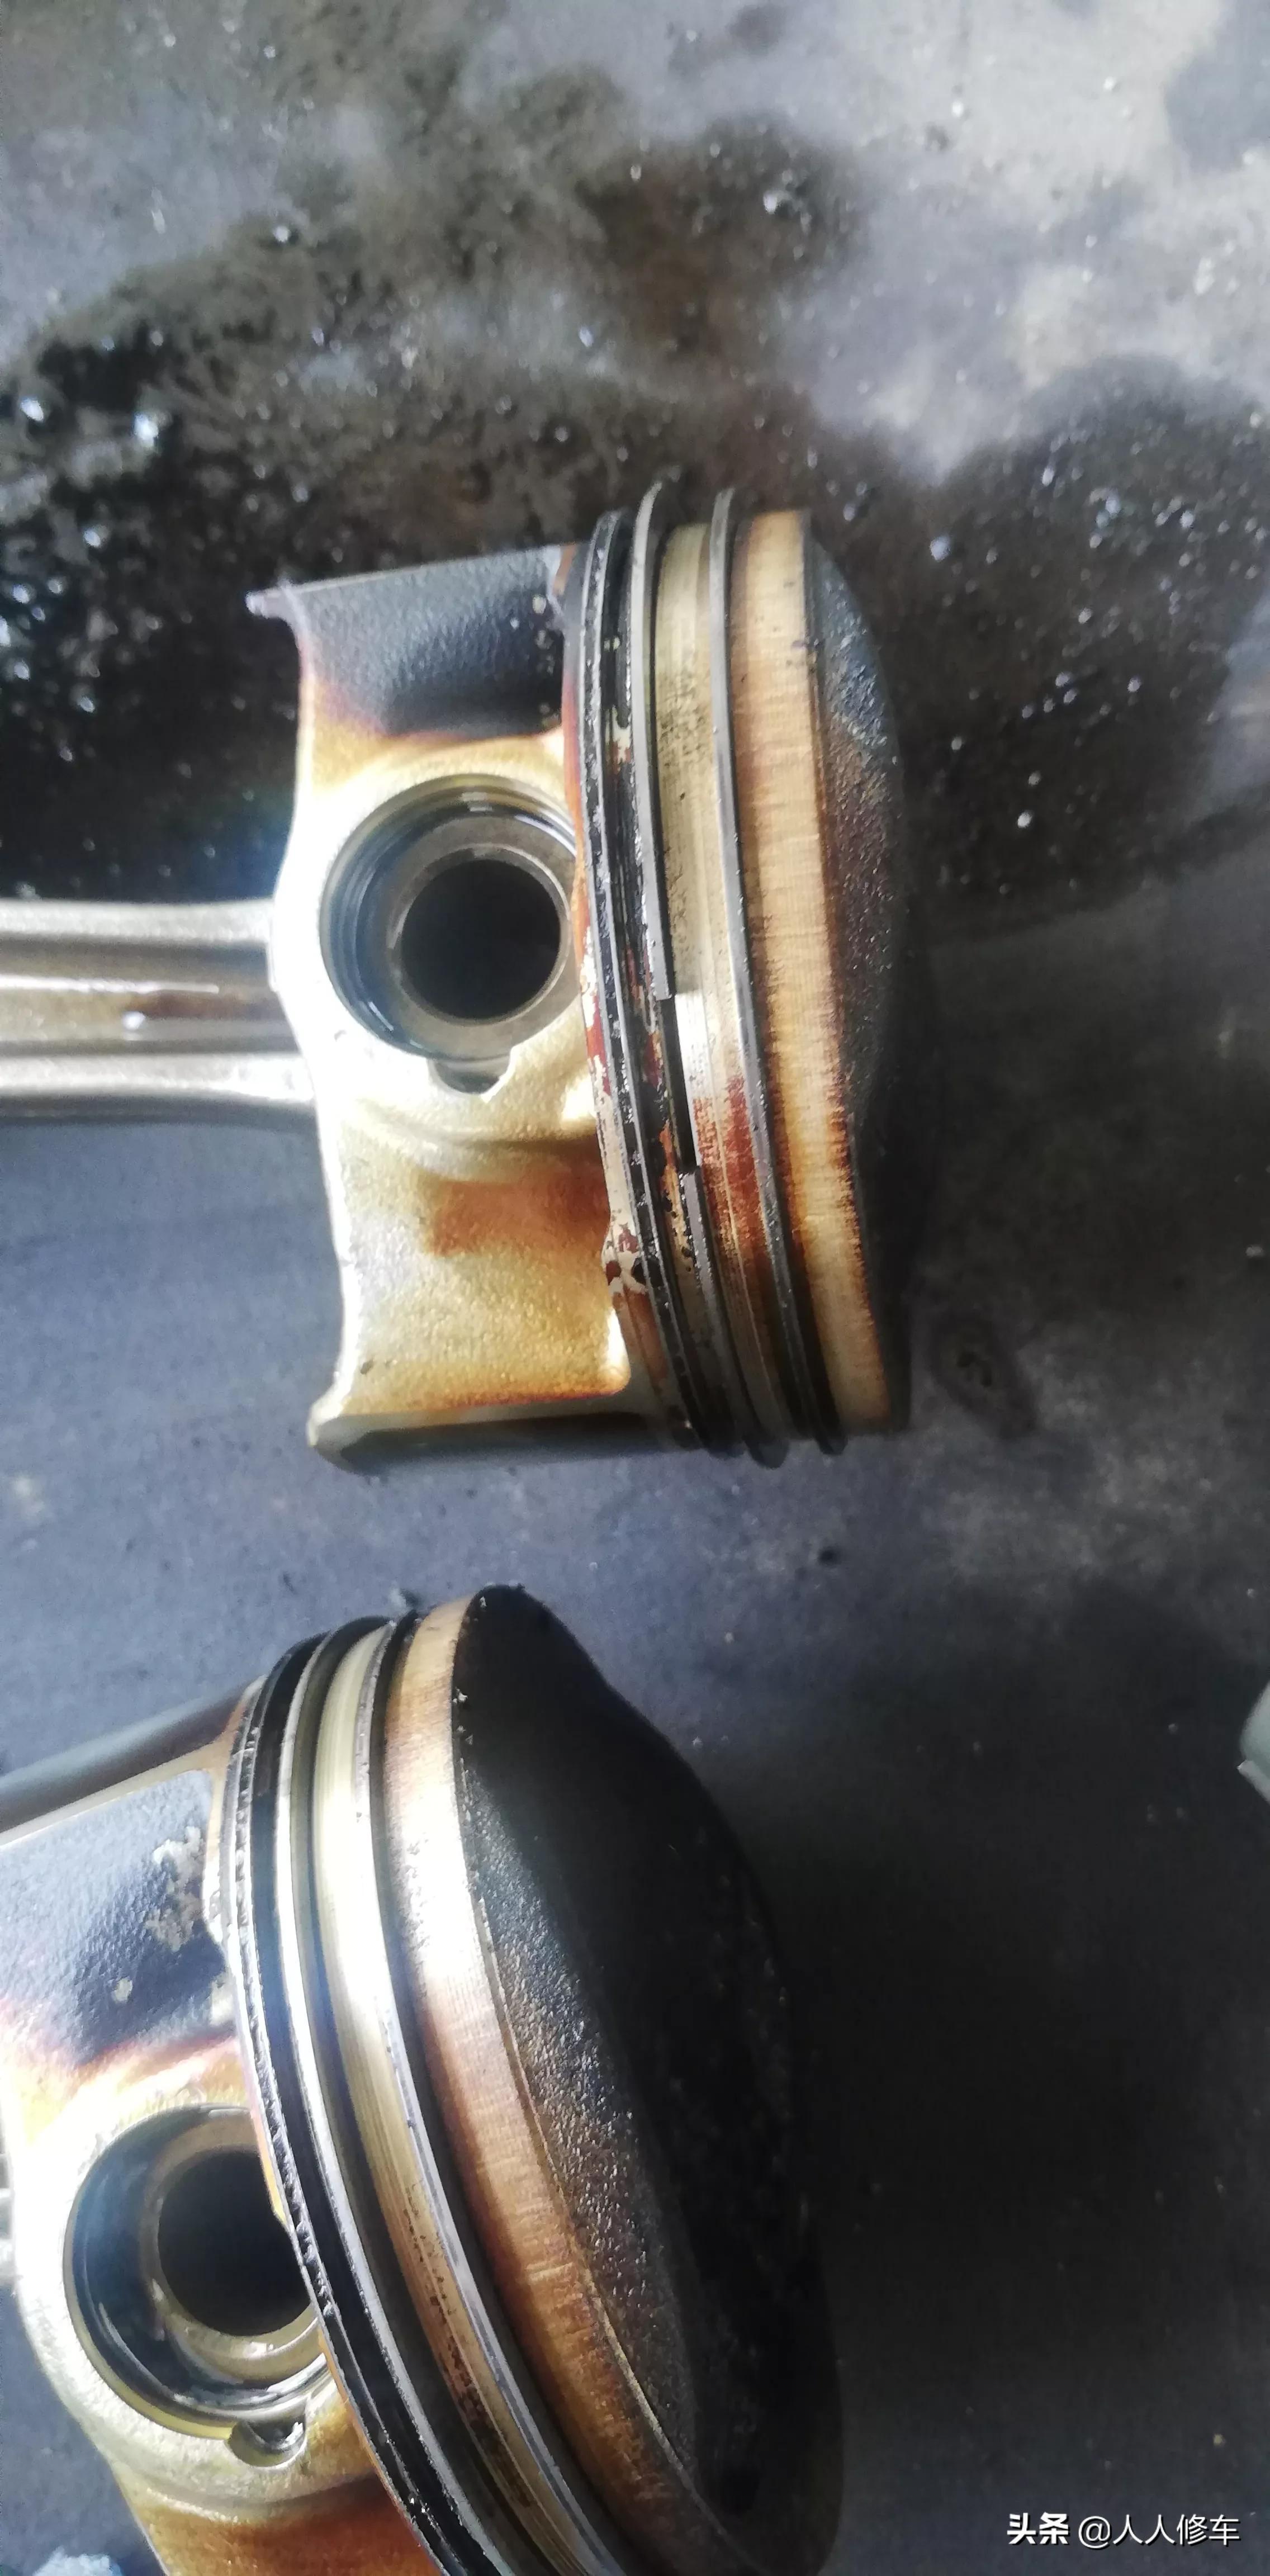 汽车烧机油会对汽车造成什么影响?烧机油该如何维修呢?